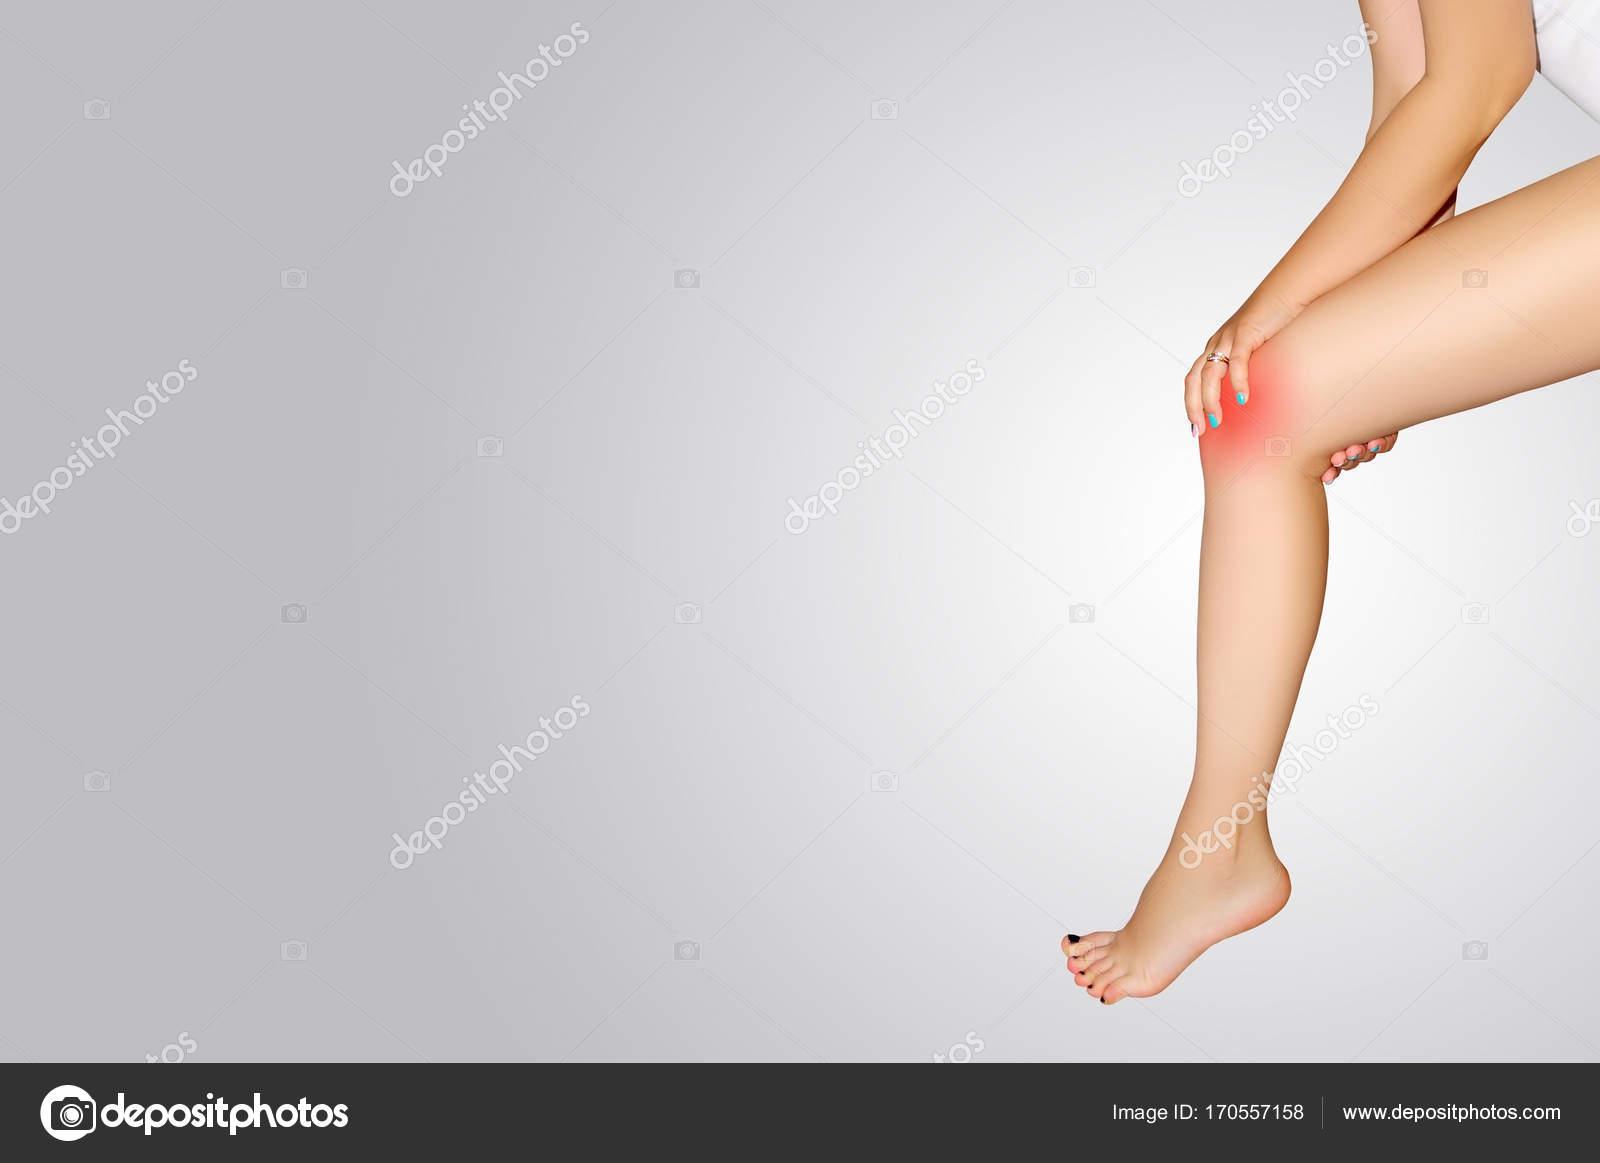 Боли в крупных суставах травы при ревматизме коленных суставов